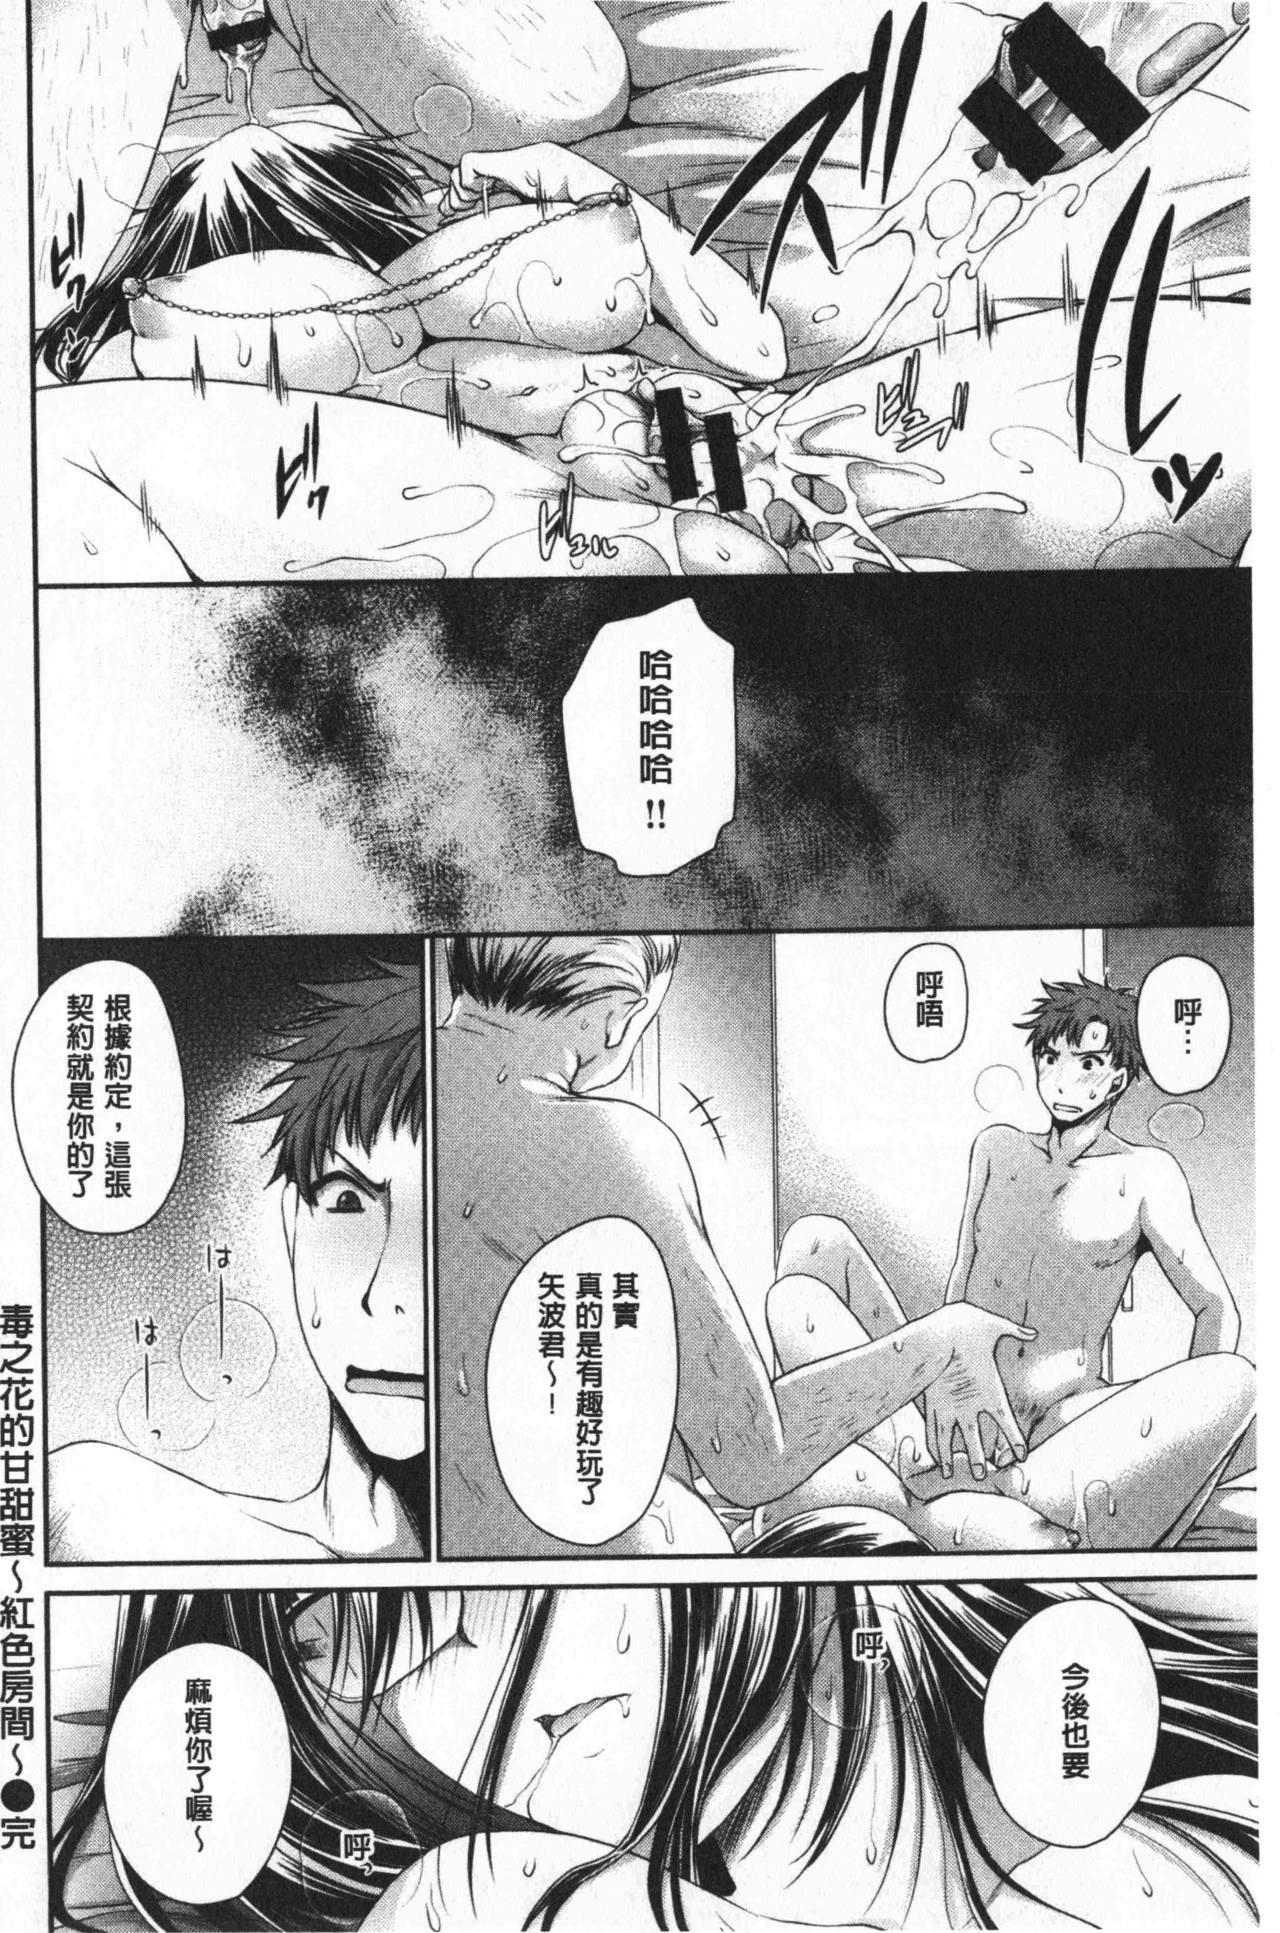 Doku Aru Hana no Amai Mitsu   毒淫花的甘甜蜜 41